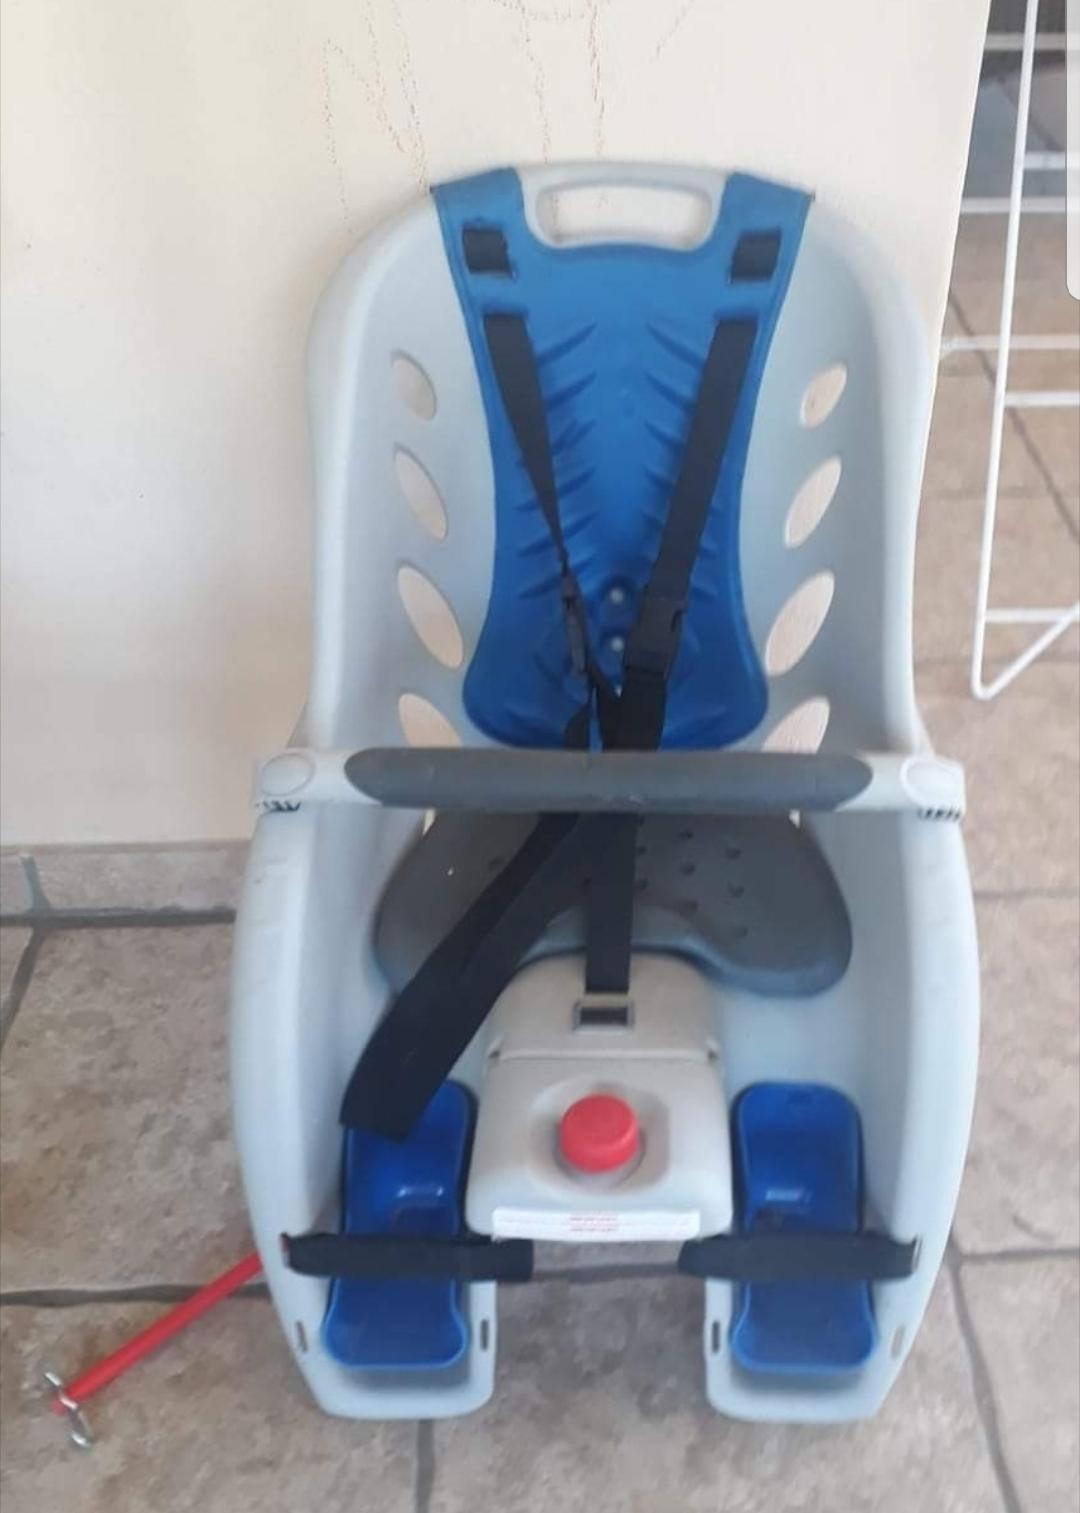 Chic Road Bike Toddler Bicycle Seat Toddler Bicycle Seat Junk Mail Toddler Bike Seat Weight Limit Toddler Bike Seat baby Toddler Bike Seat